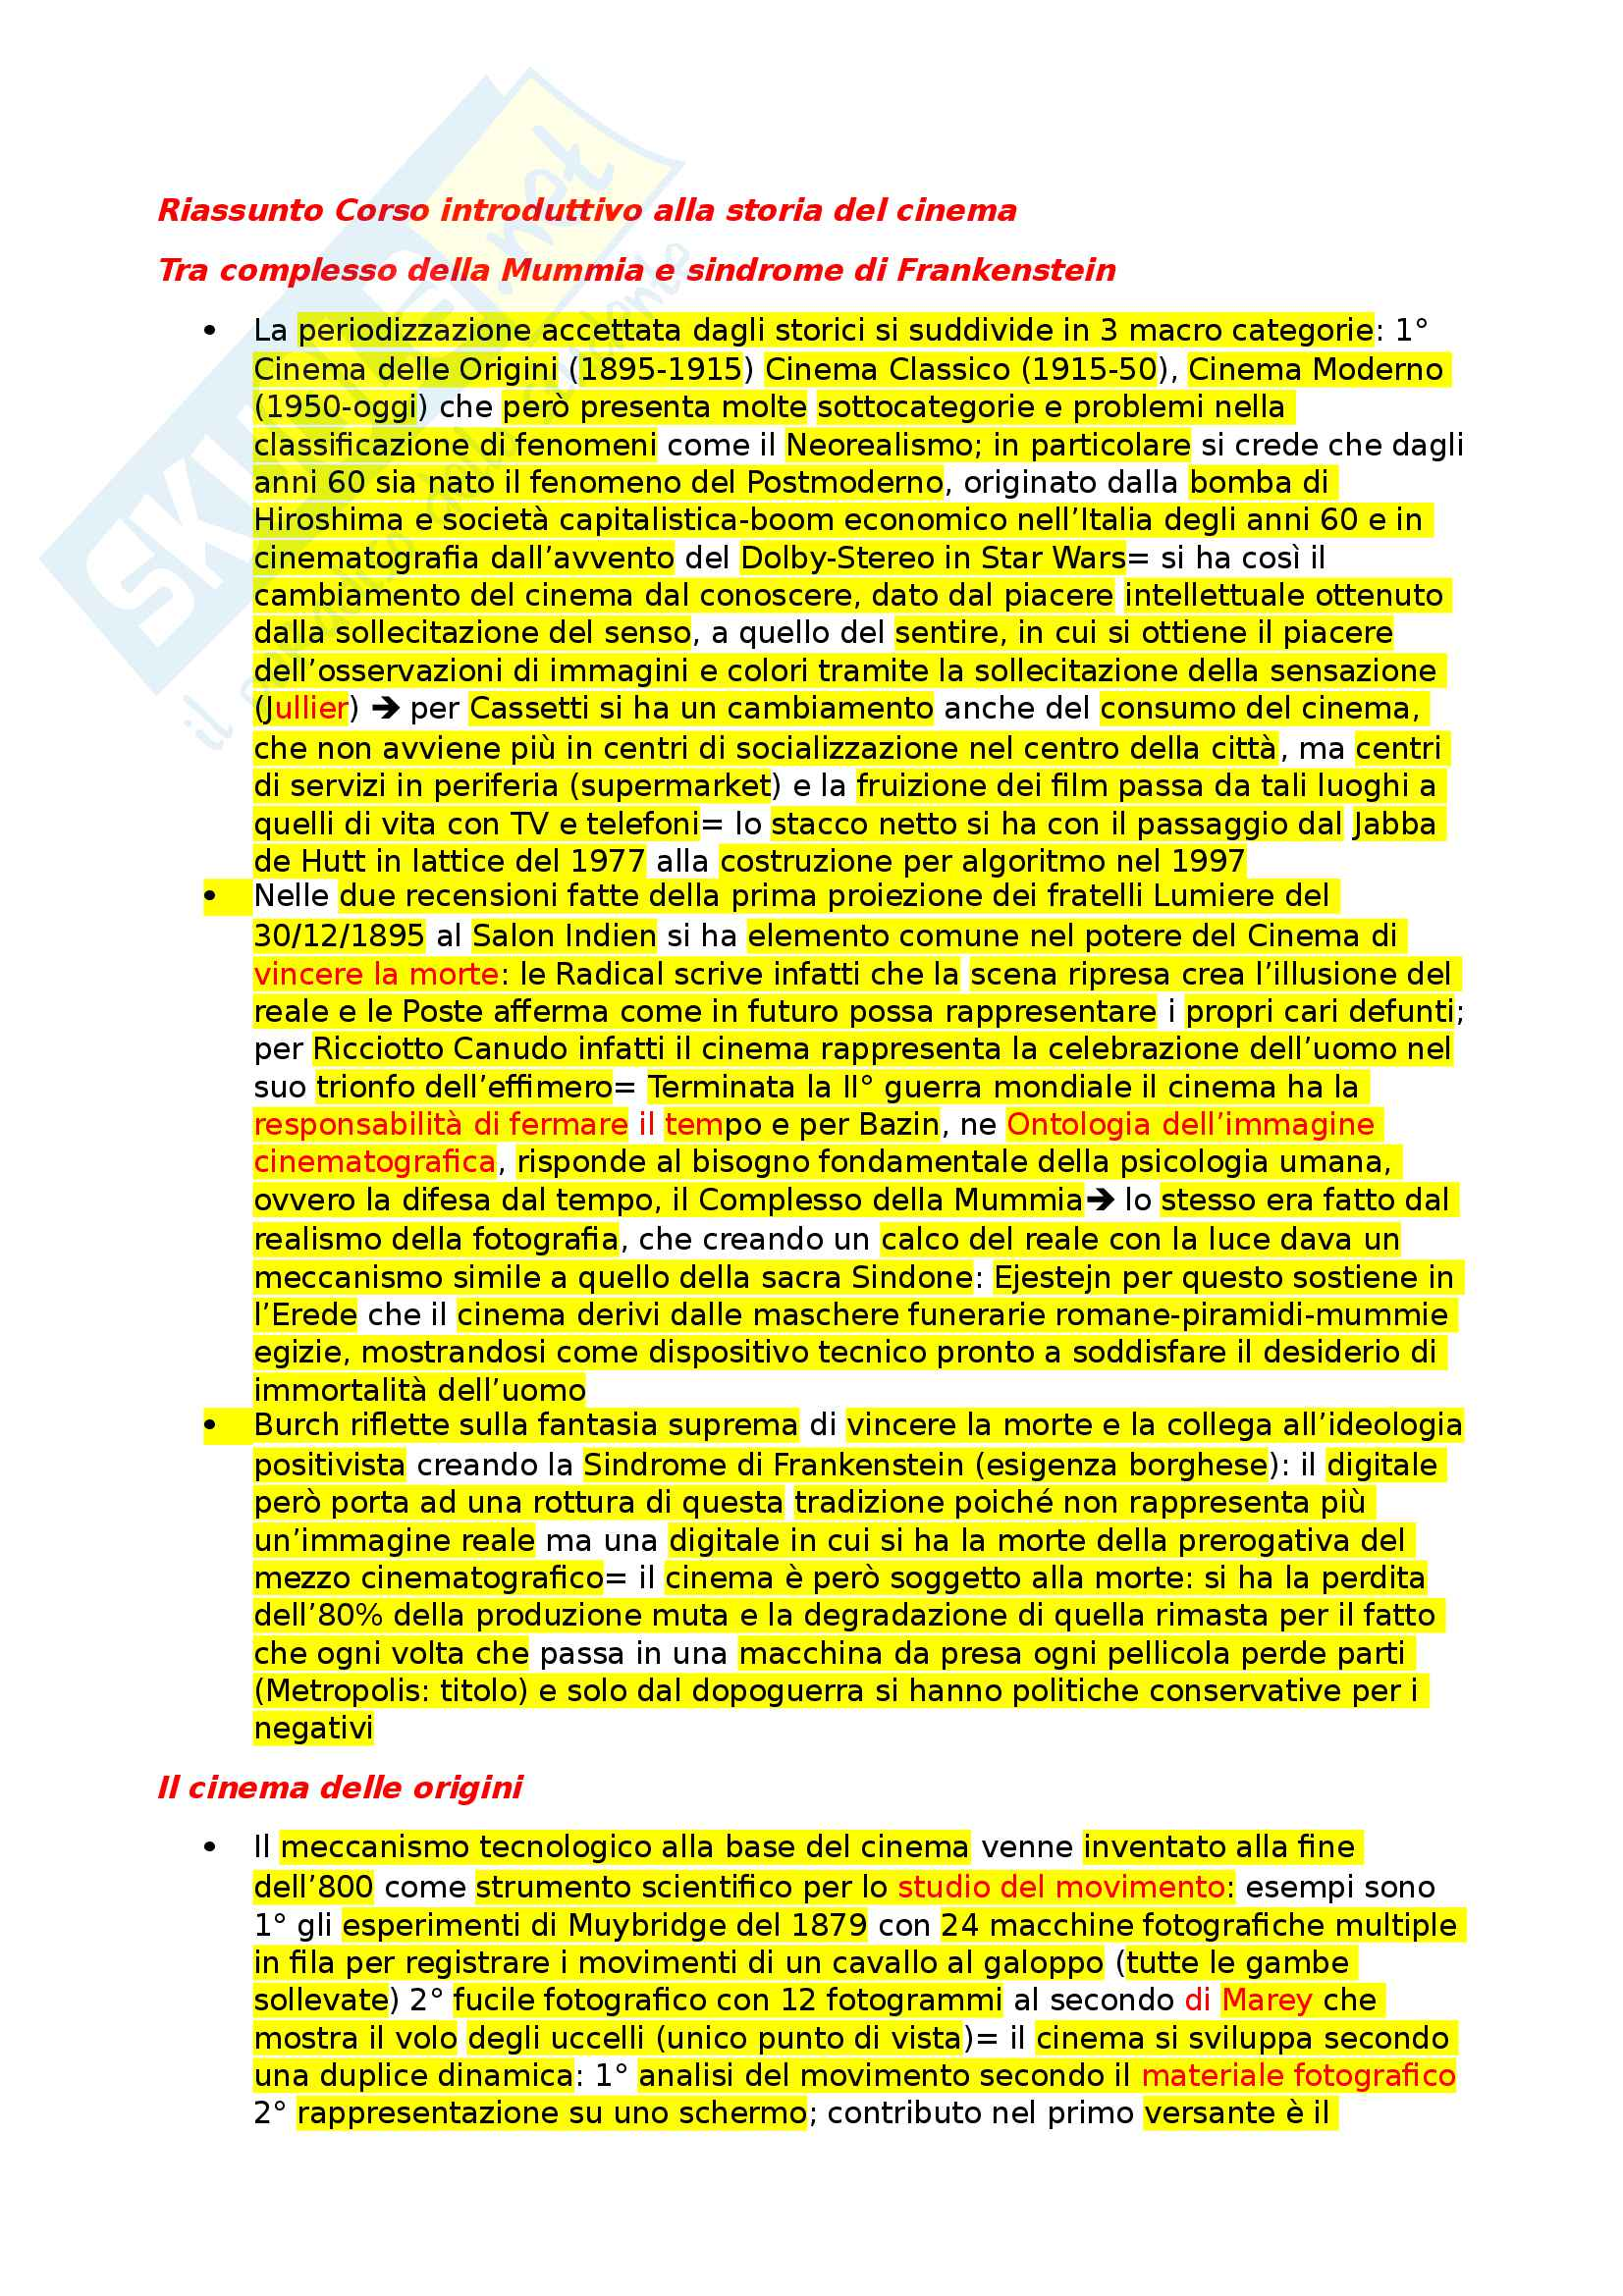 Riassunto esame storia e critica del cinema, prof. Subini, libro consigliato Corso introduttivo alla storia del cinema Tomaso Subini